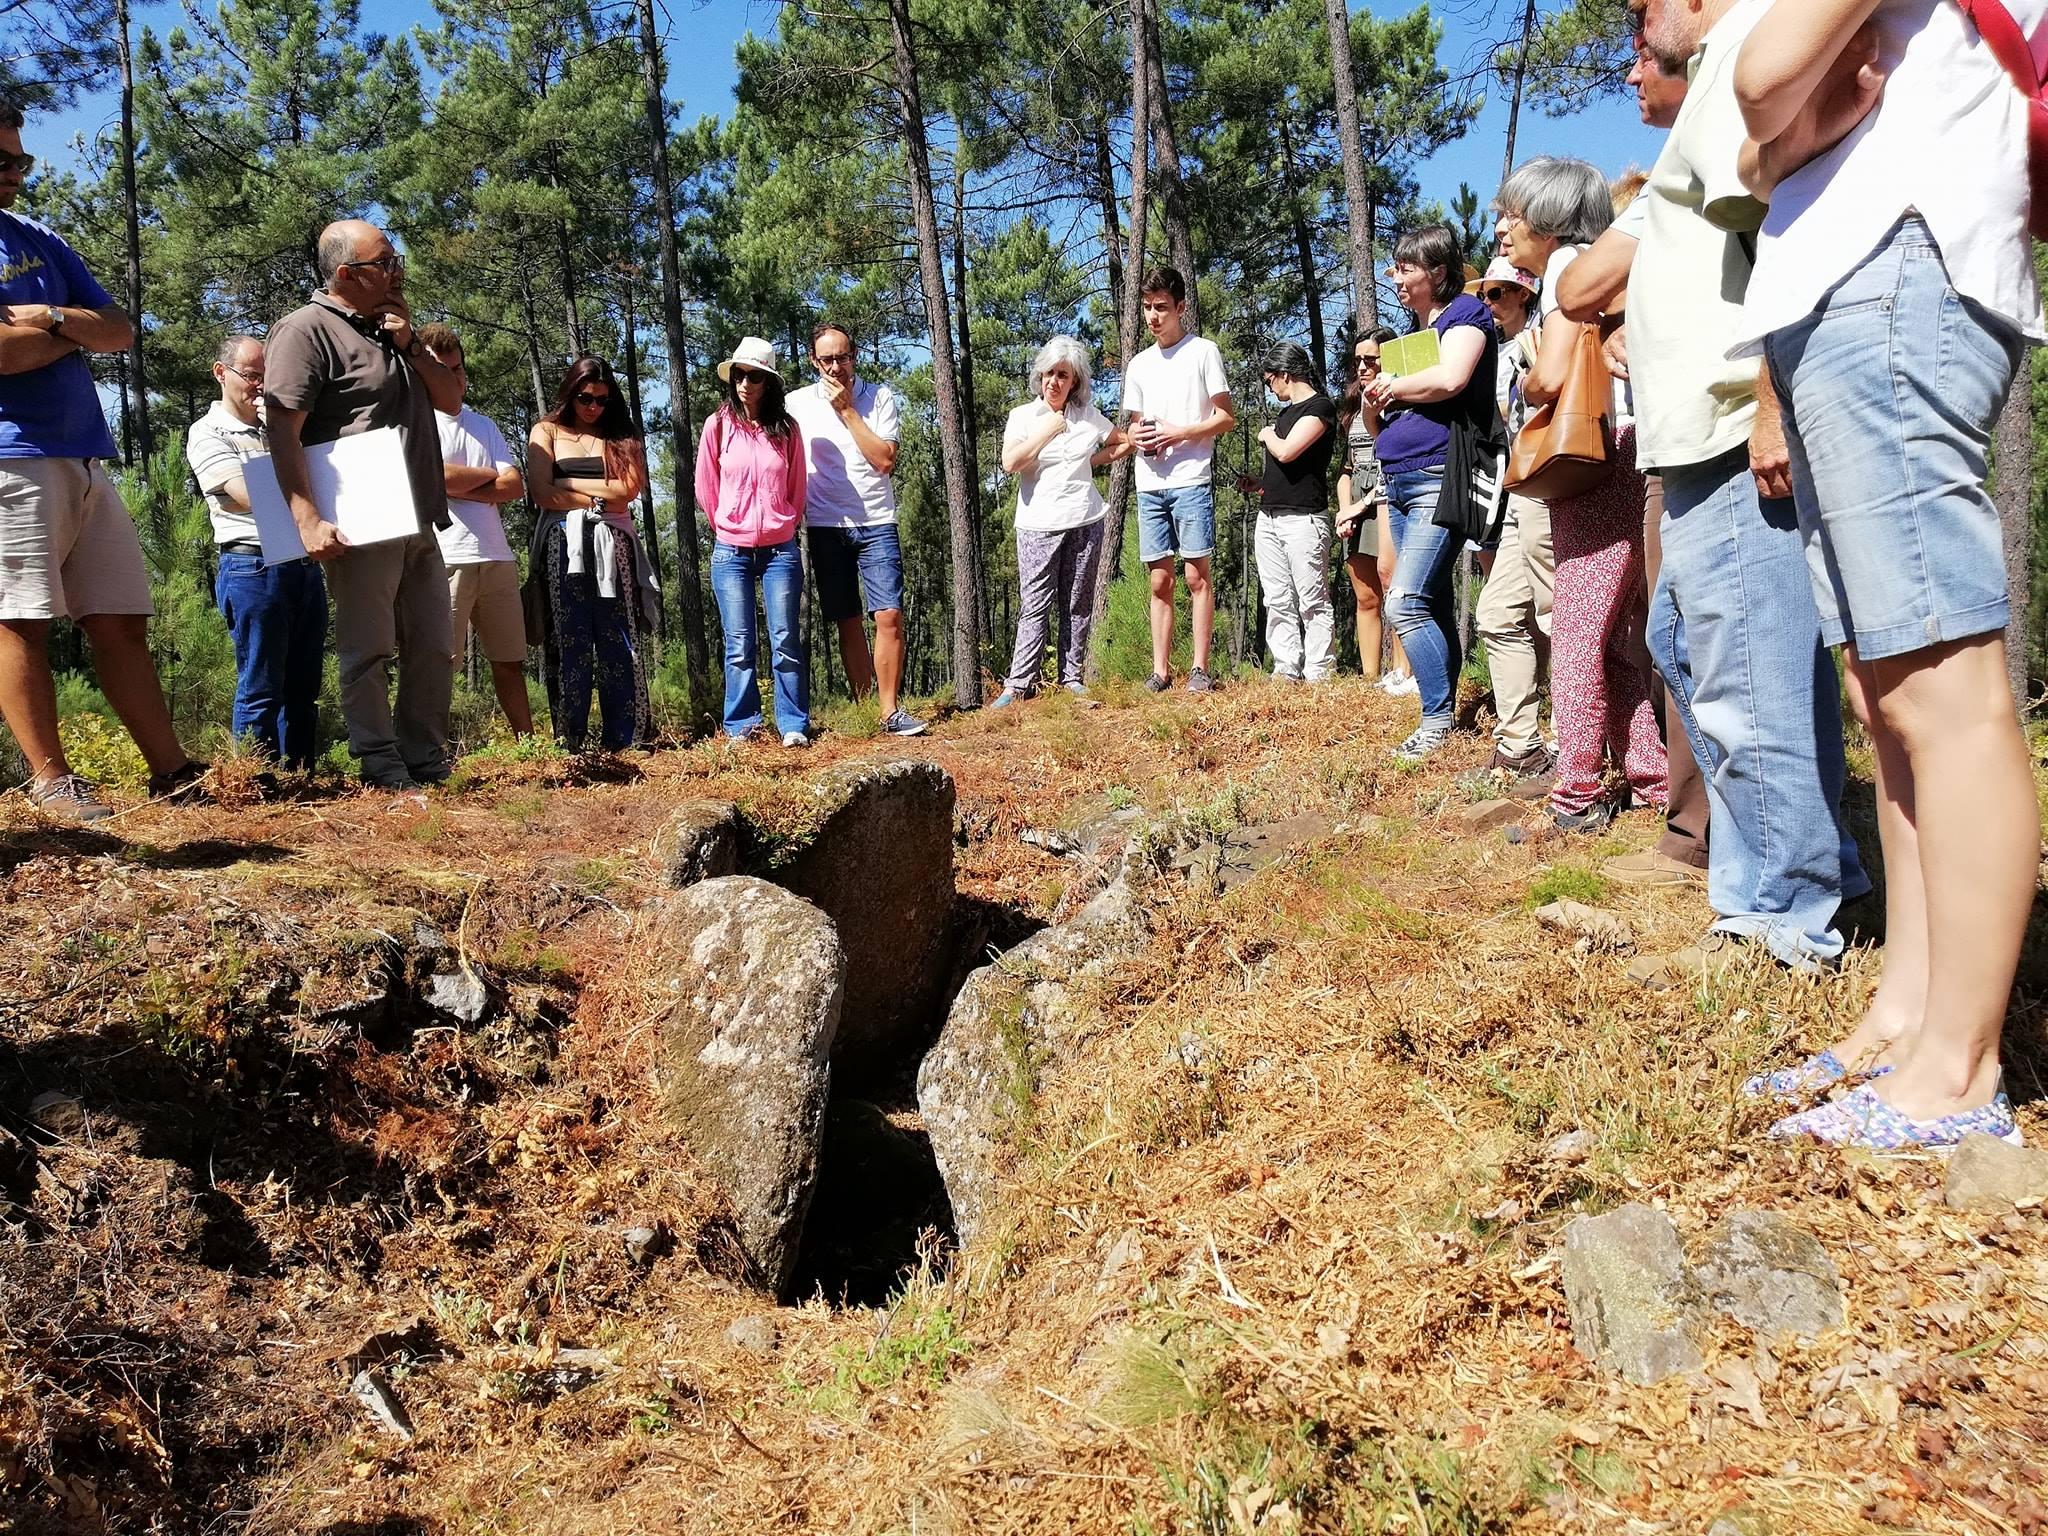 As descobertas megalíticas de José Coelho